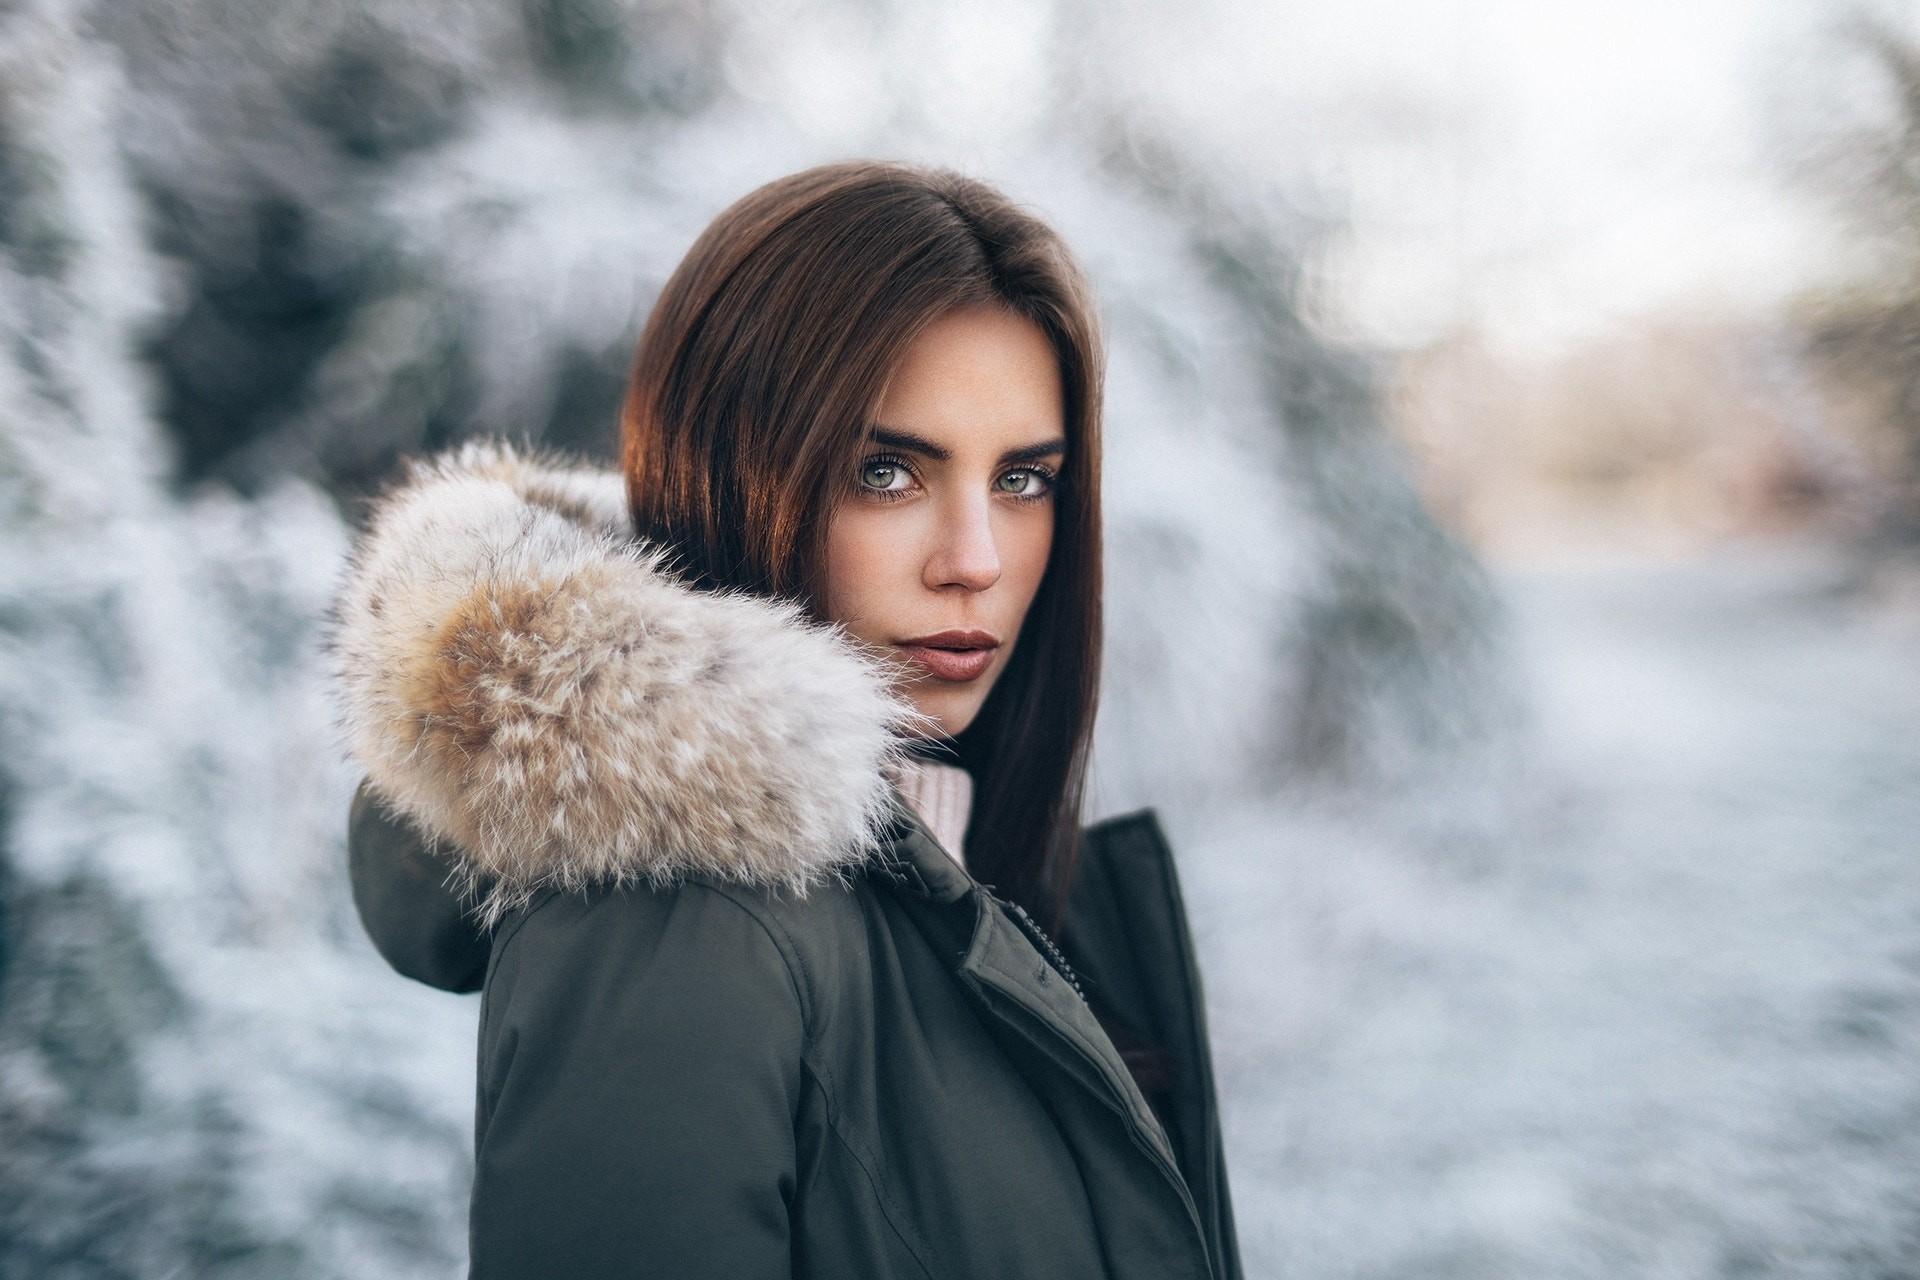 Baggrunde : ansigt, Kvinder udendørs, model, portræt, dybdeskarphed, sne, vinter, sweater, mode ...